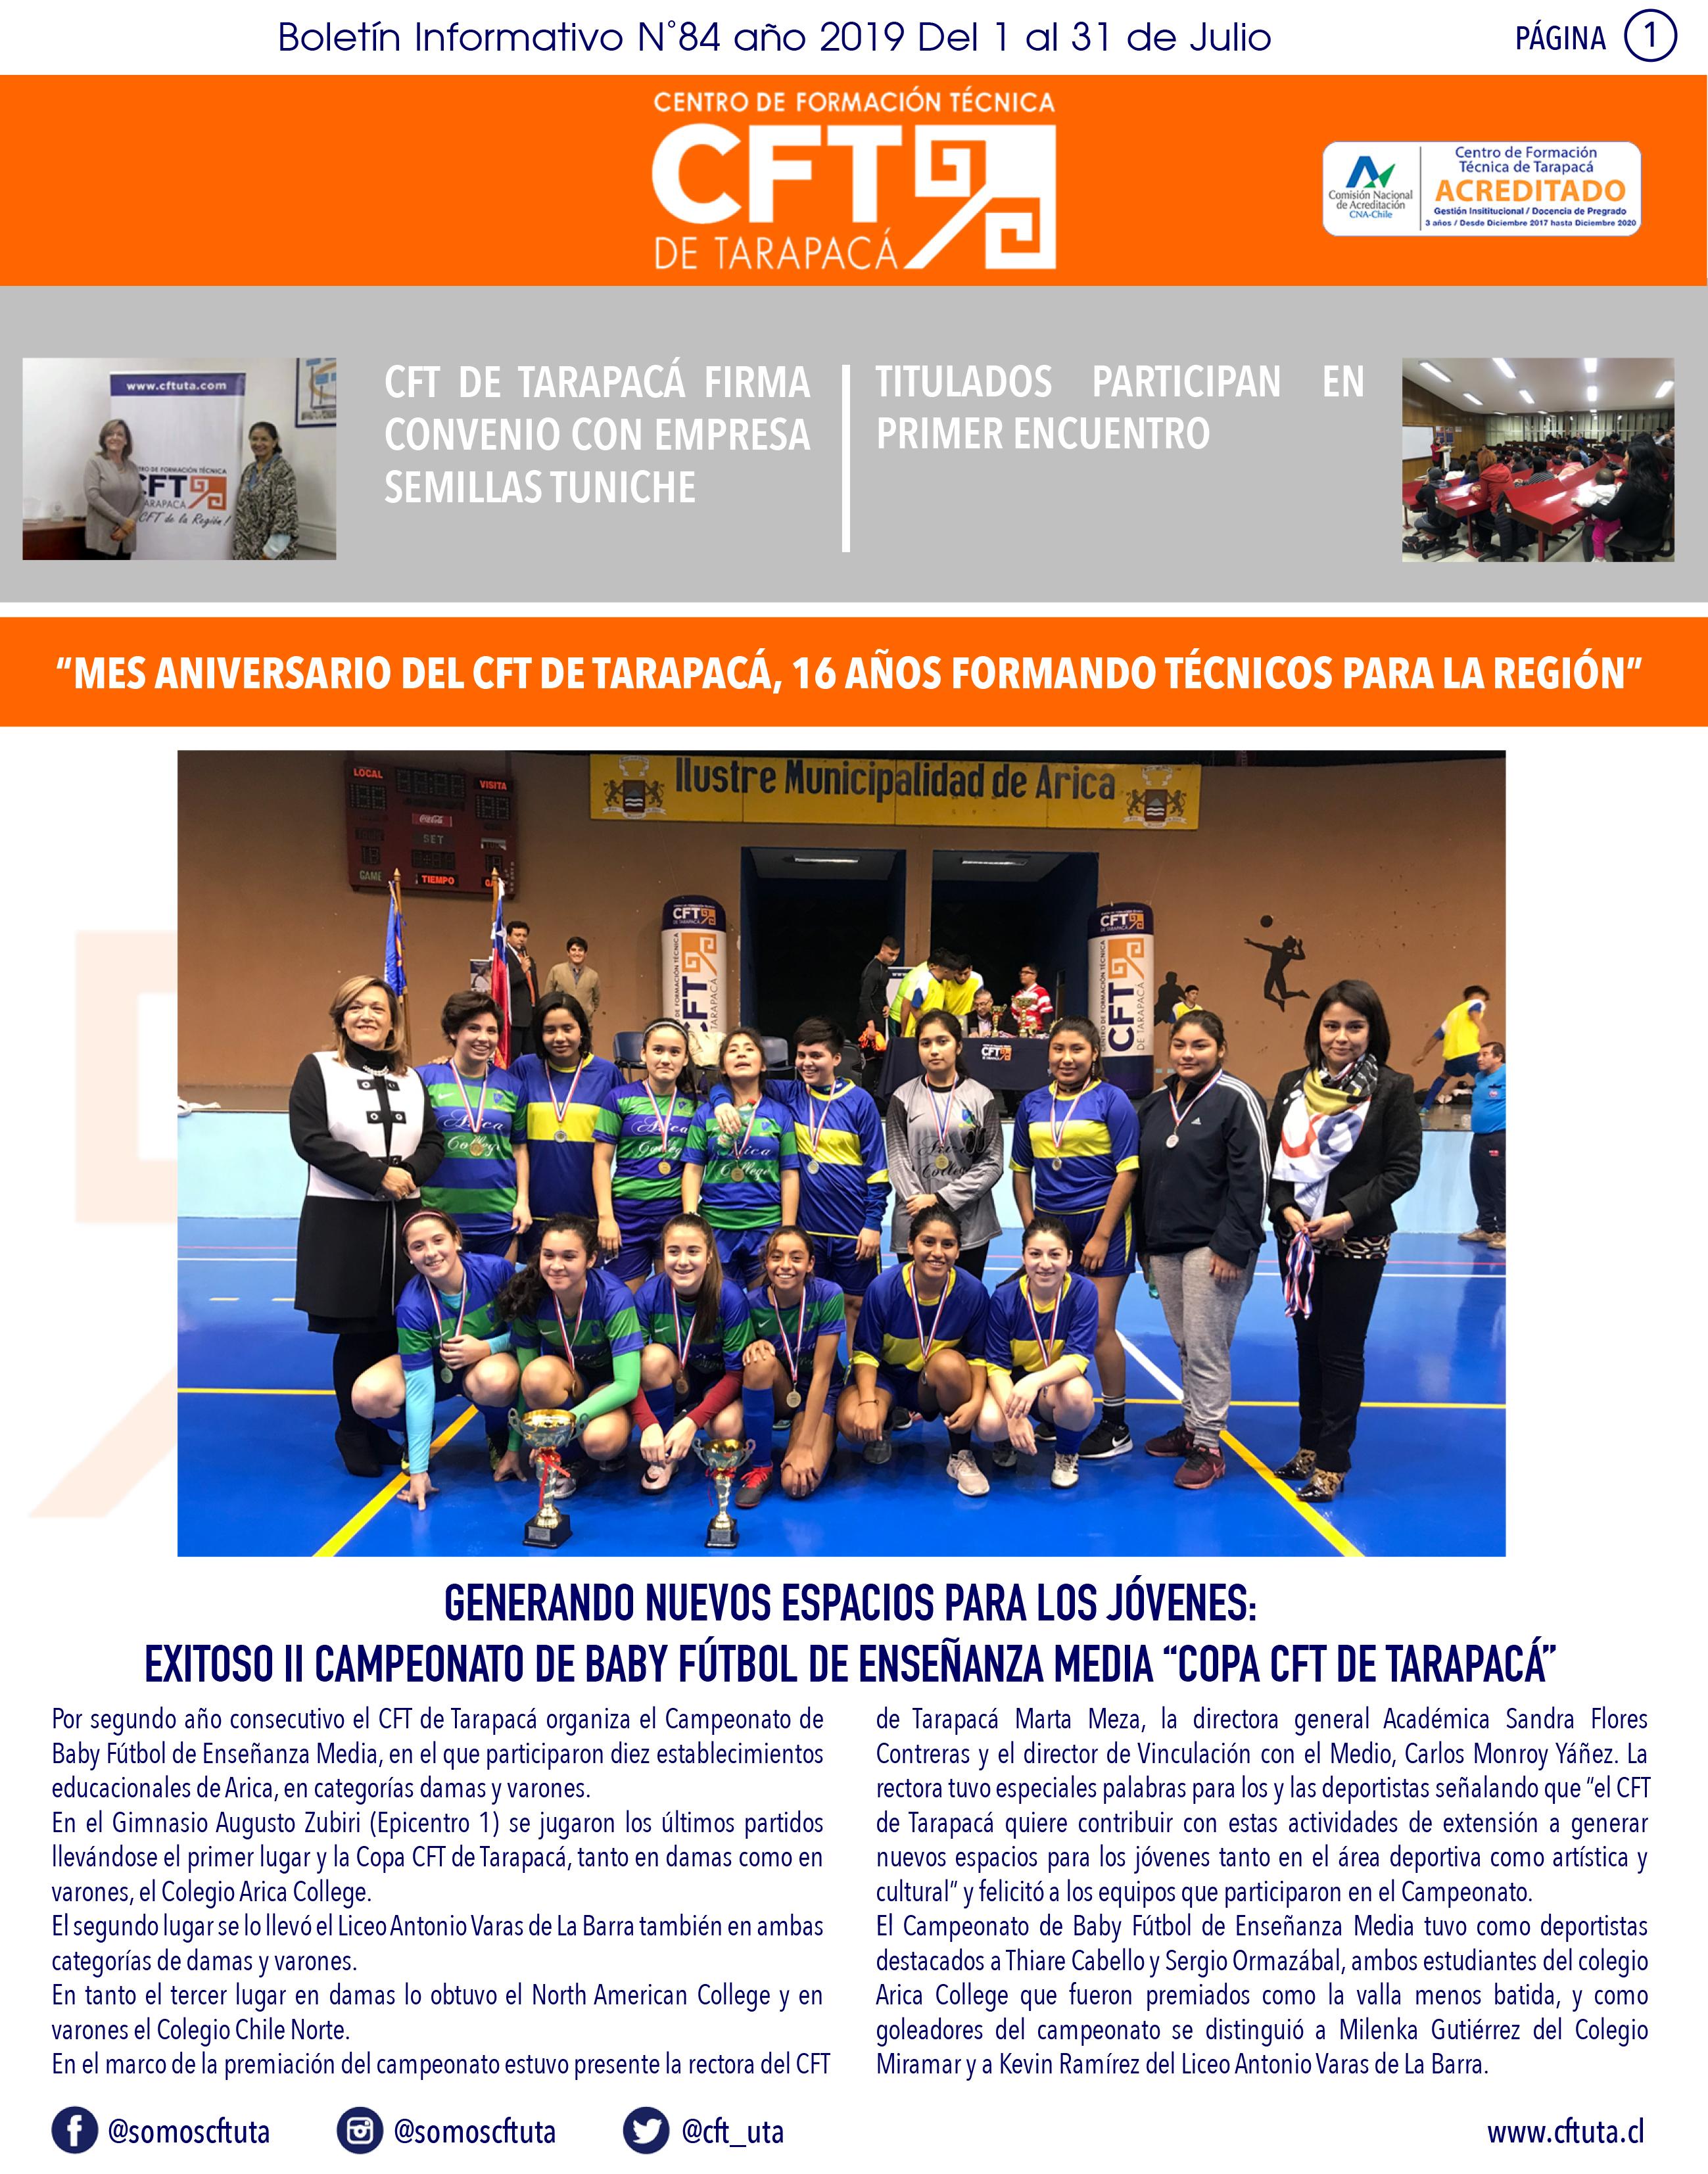 Boletín N°84 CFT de Tarapacá